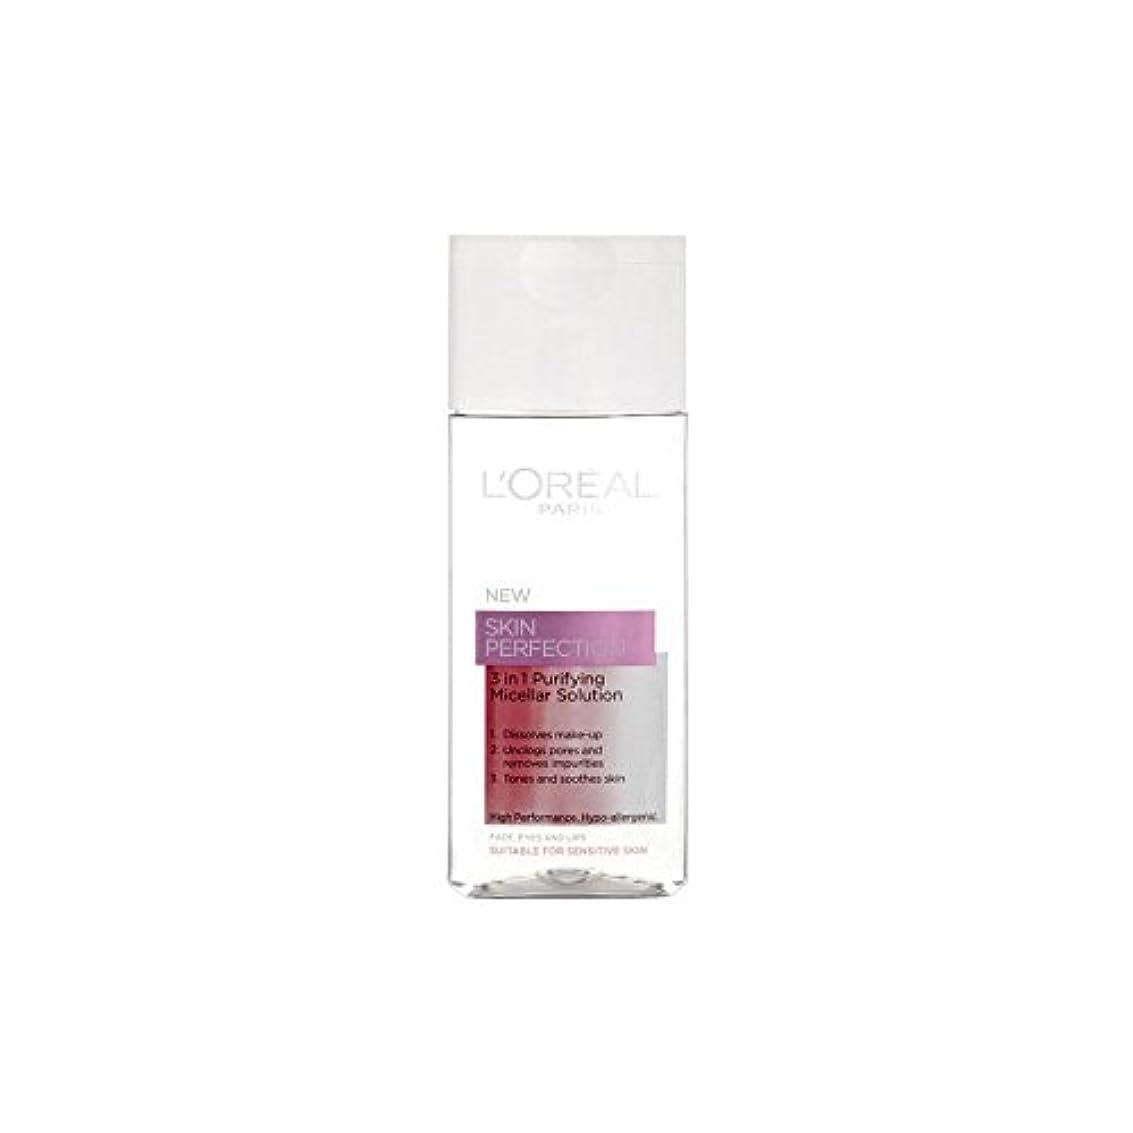 小さいブロッサム突っ込むL'Oreal Paris Dermo Expertise Skin Perfection 3 In 1 Purifying Micellar Solution (200ml) - 1つの精製ミセル溶液中ロレアルパリ?ダーモ...